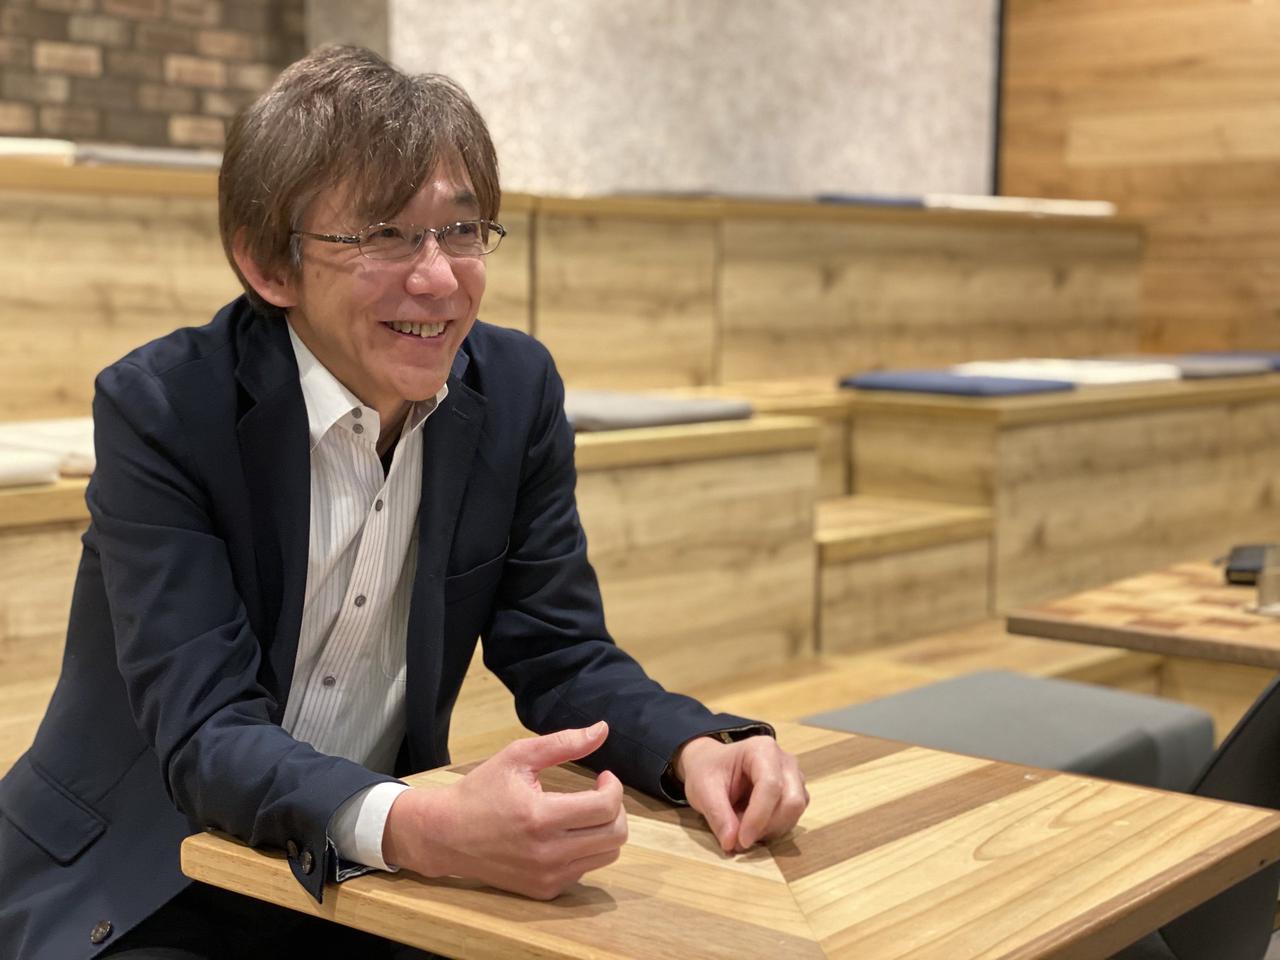 画像: 及川卓也(おいかわ たくや) Tably創設者兼代表取締役。早稲田大学理工学部卒業後、1988年にDEC(Digital Equipment Corporation)日本法人に入社。営業サポート、ソフトウェア開発、研究開発に従事したのち、マイクロソフトで日本語/韓国語版Windowsの開発を指揮し、2006年に入社したGoogleでは、GoogleニュースのプロダクトマネジャーやGoogle Chrome/日本語入力システムのエンジニアリングマネジャーを務めた。その後、独立し、19年1月にテクノロジーによる企業・社会の変革を支援するTablyを設立